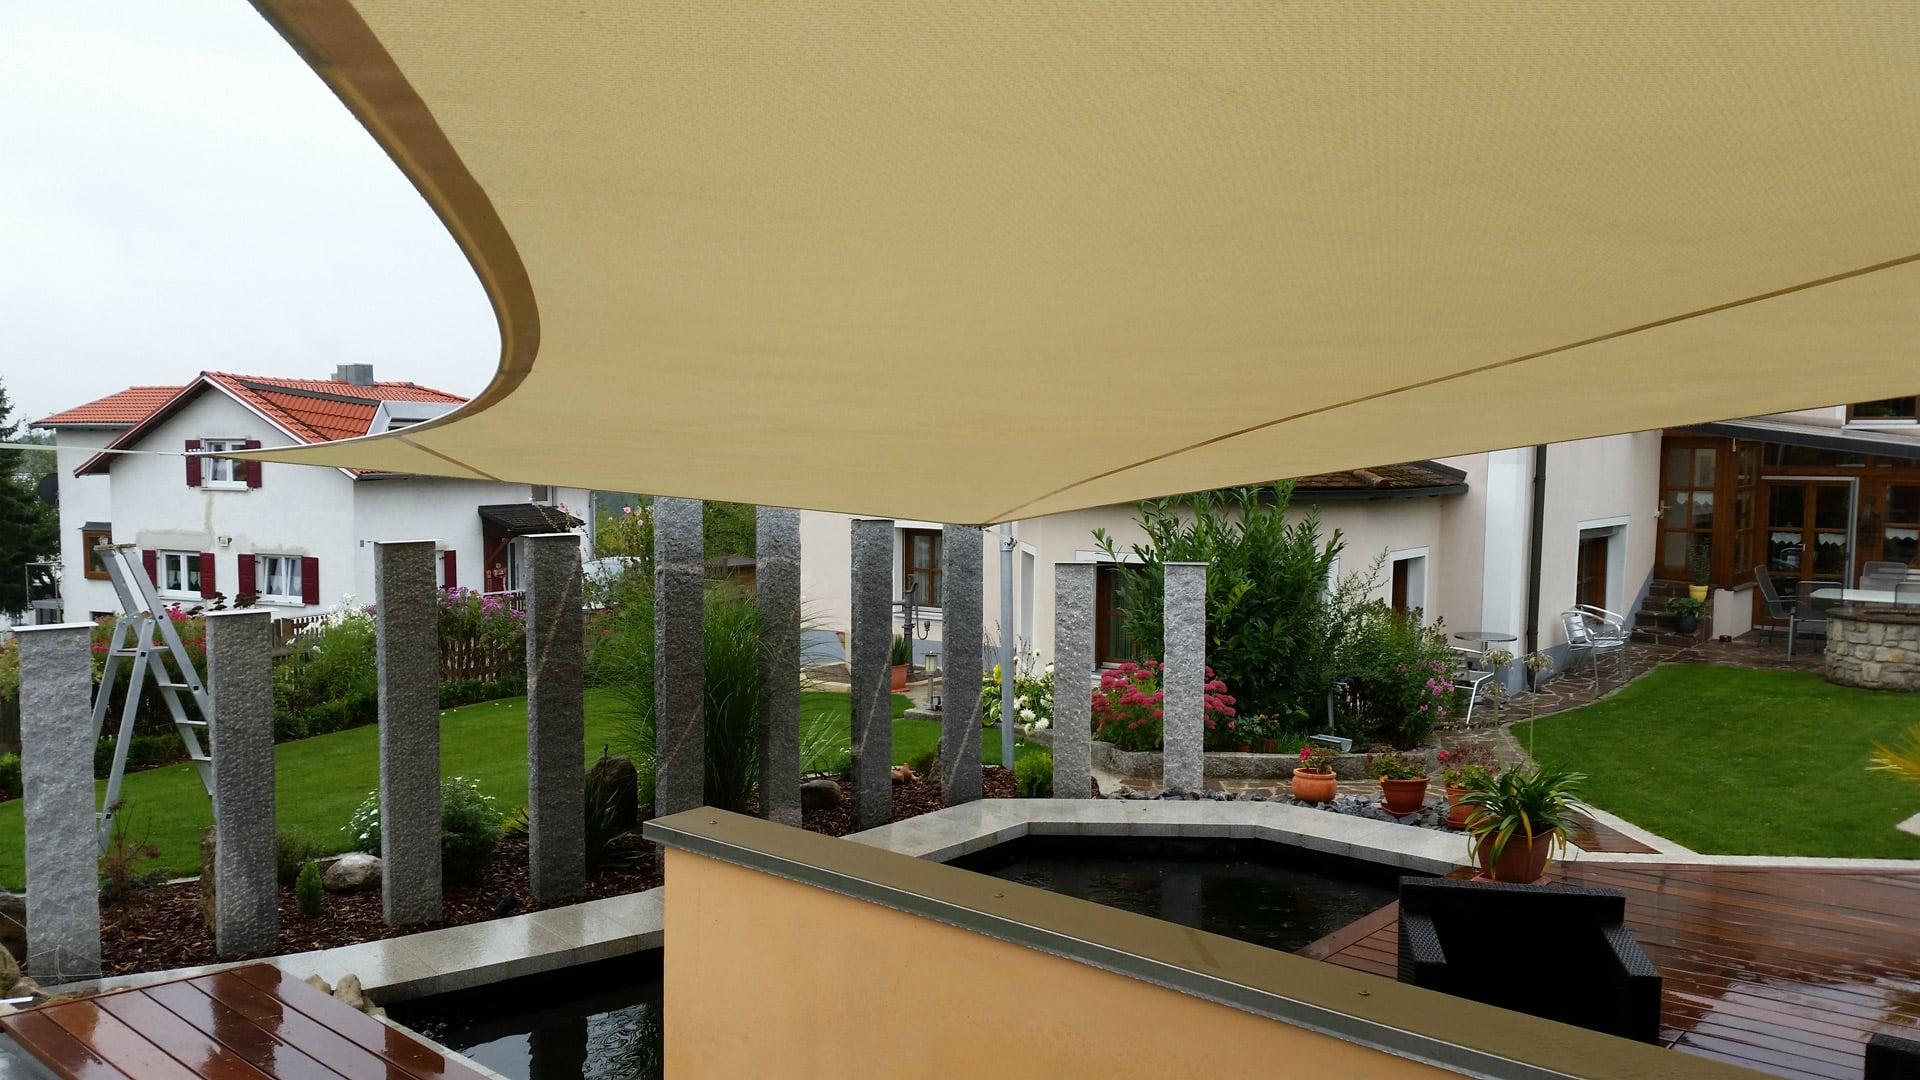 Beiges Sonnensegel als Saisonsegel zur Beschattung und Regenschutz für die Terrasse